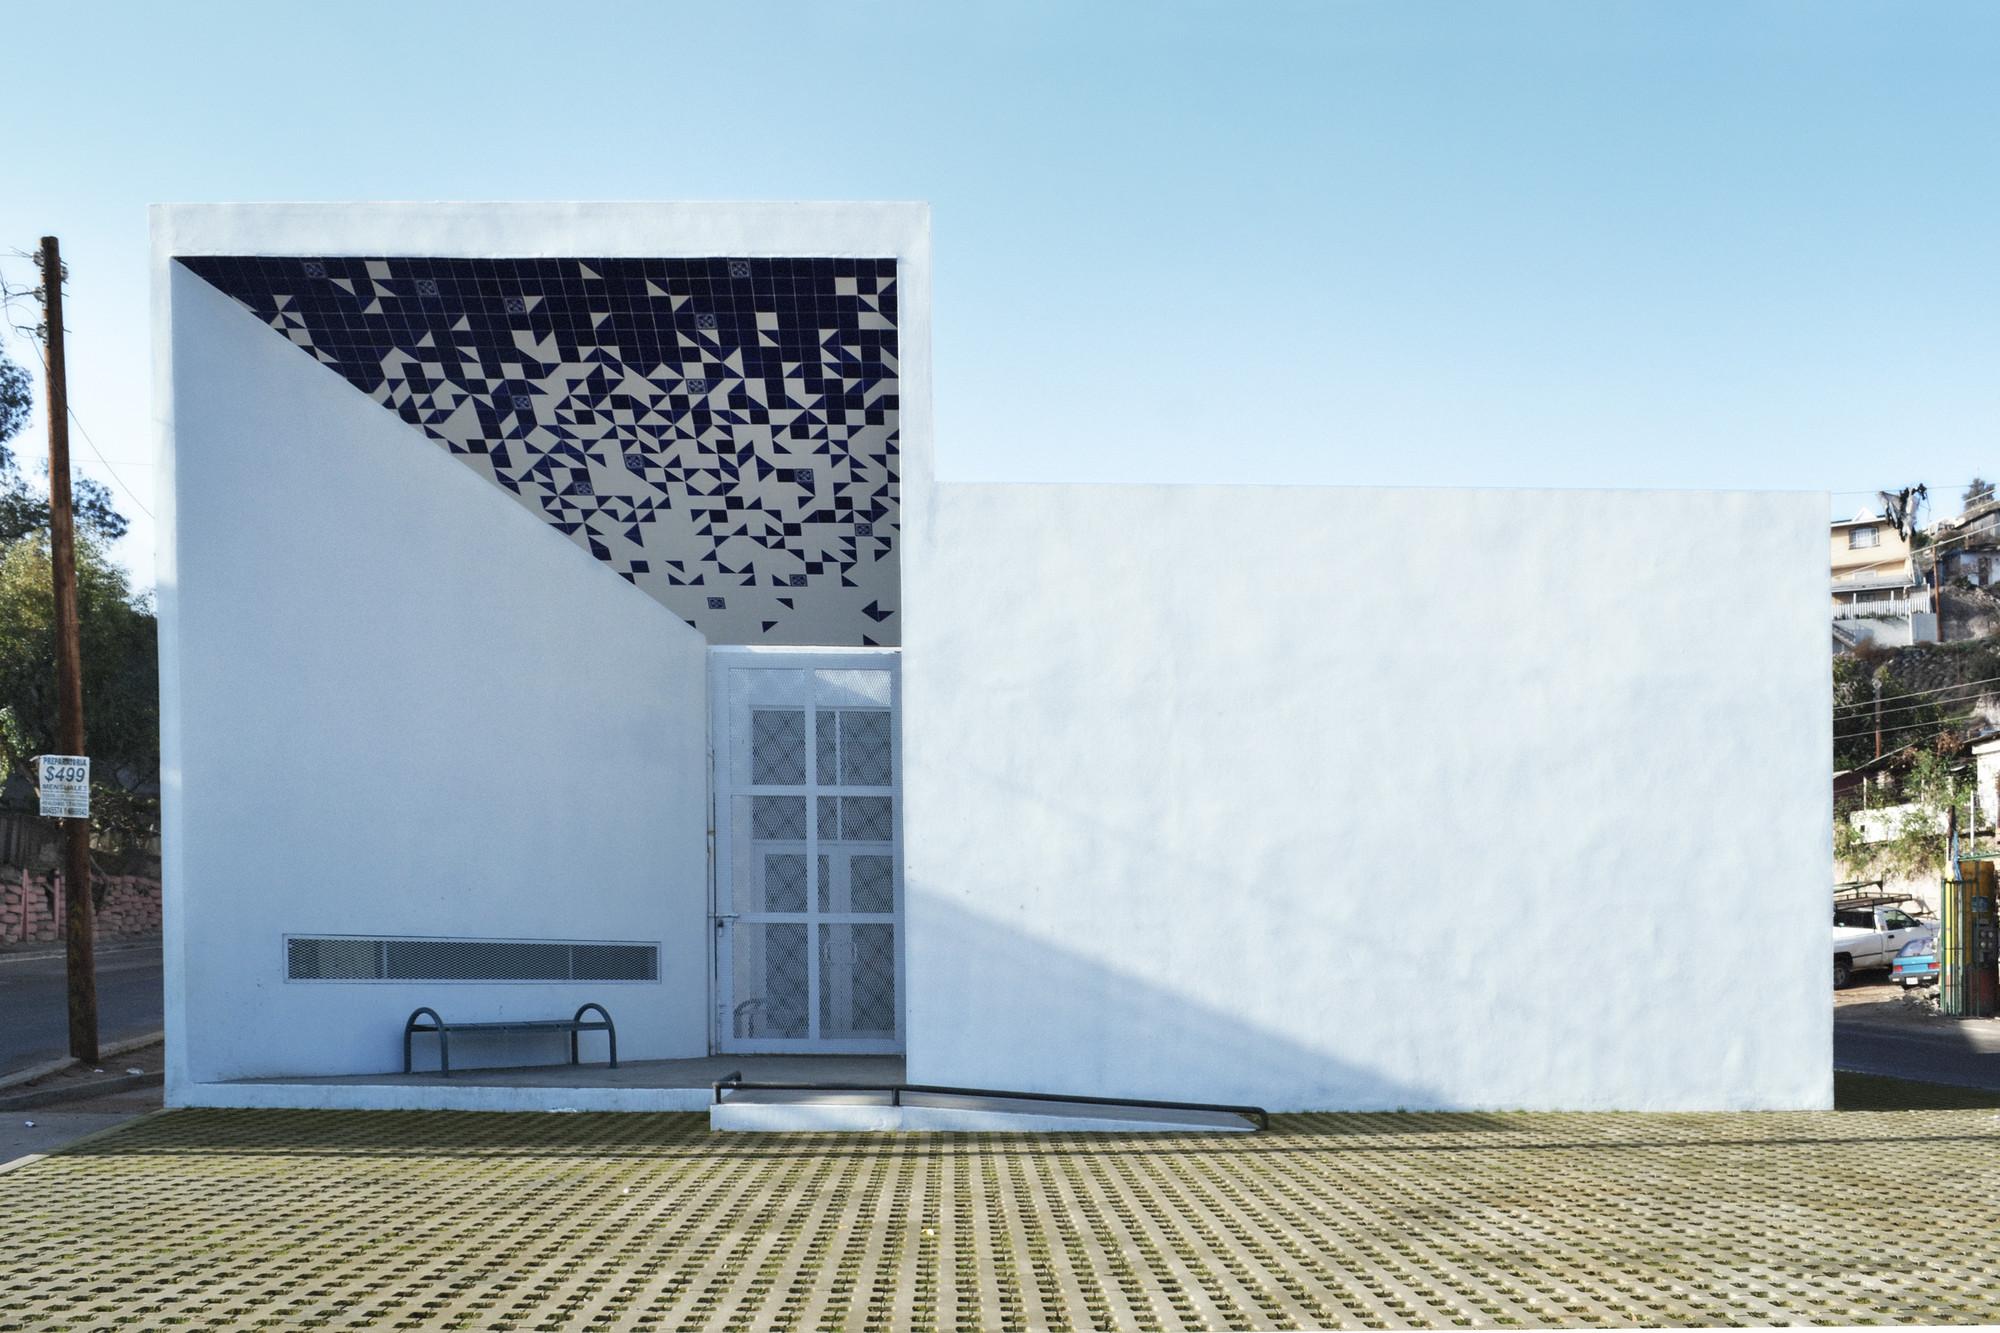 Casa de las Ideas Library / CROstudio, © CROstudio